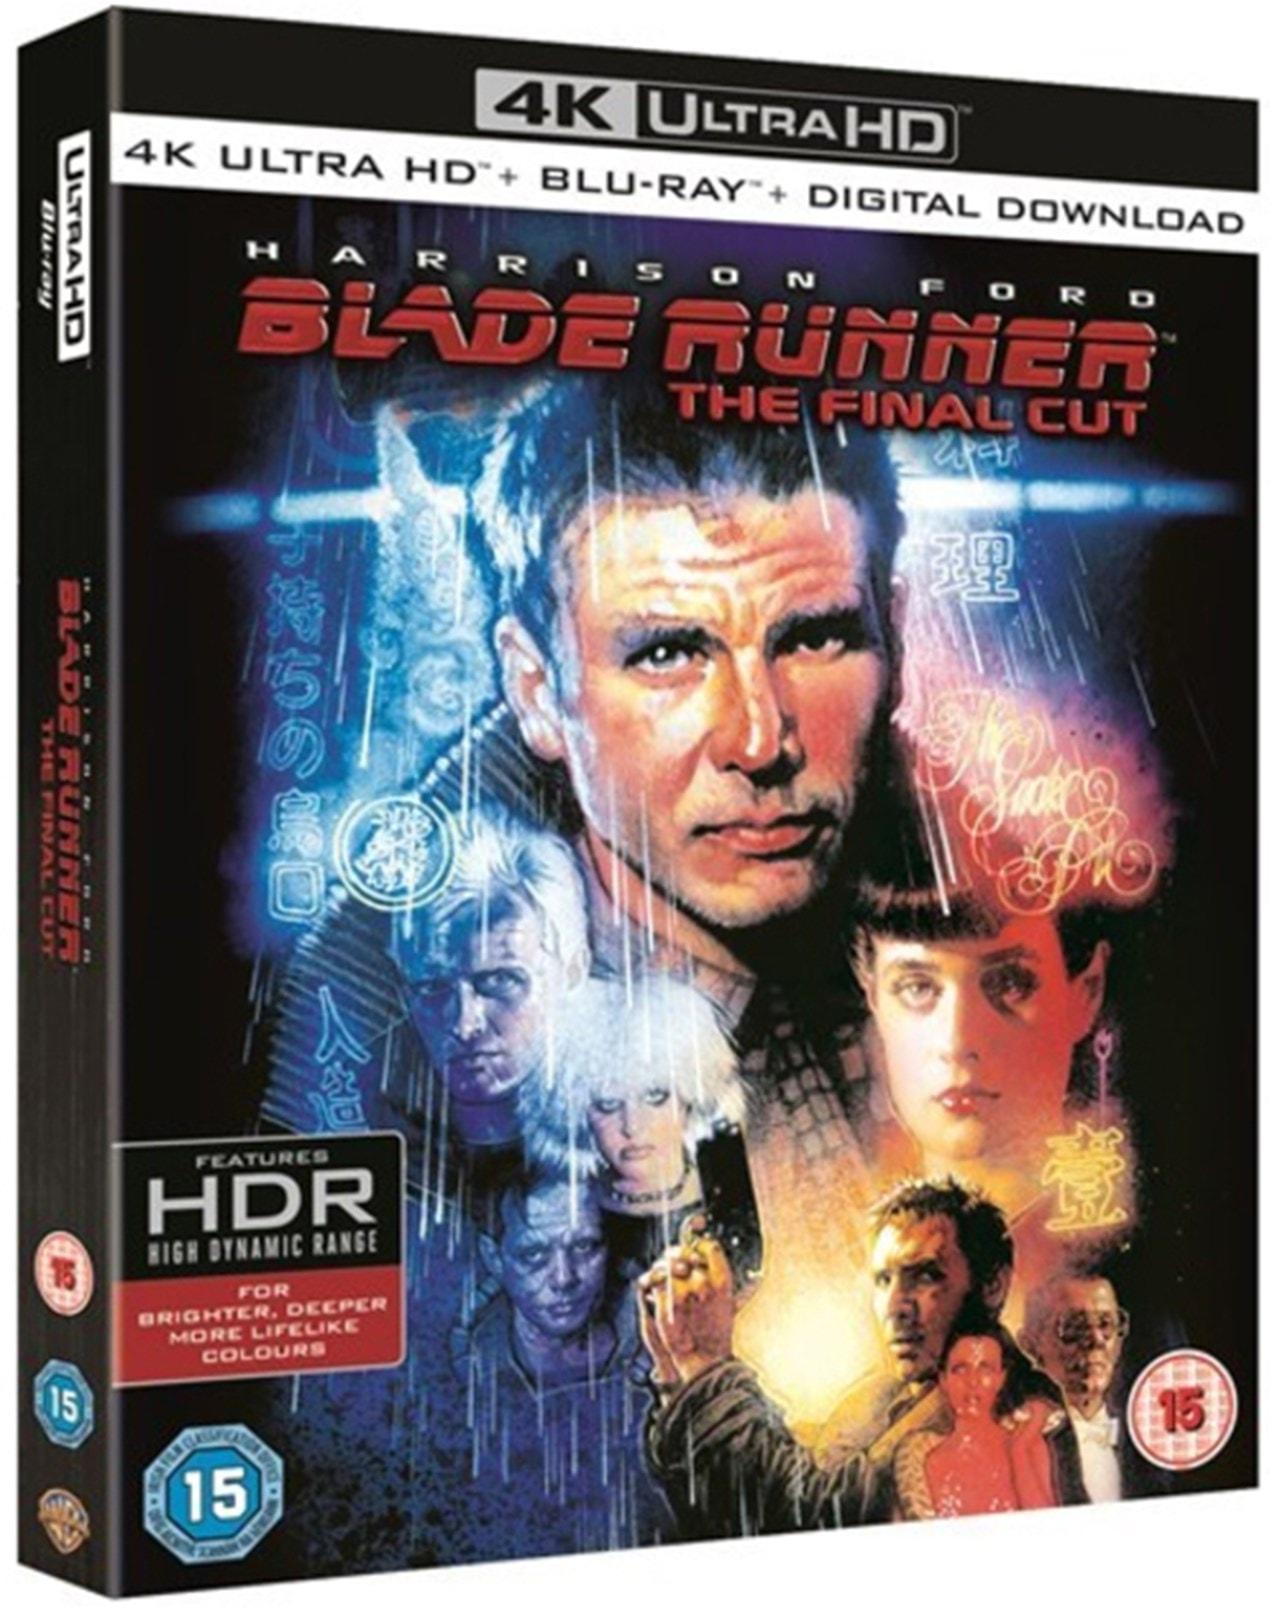 Blade Runner: The Final Cut - 2